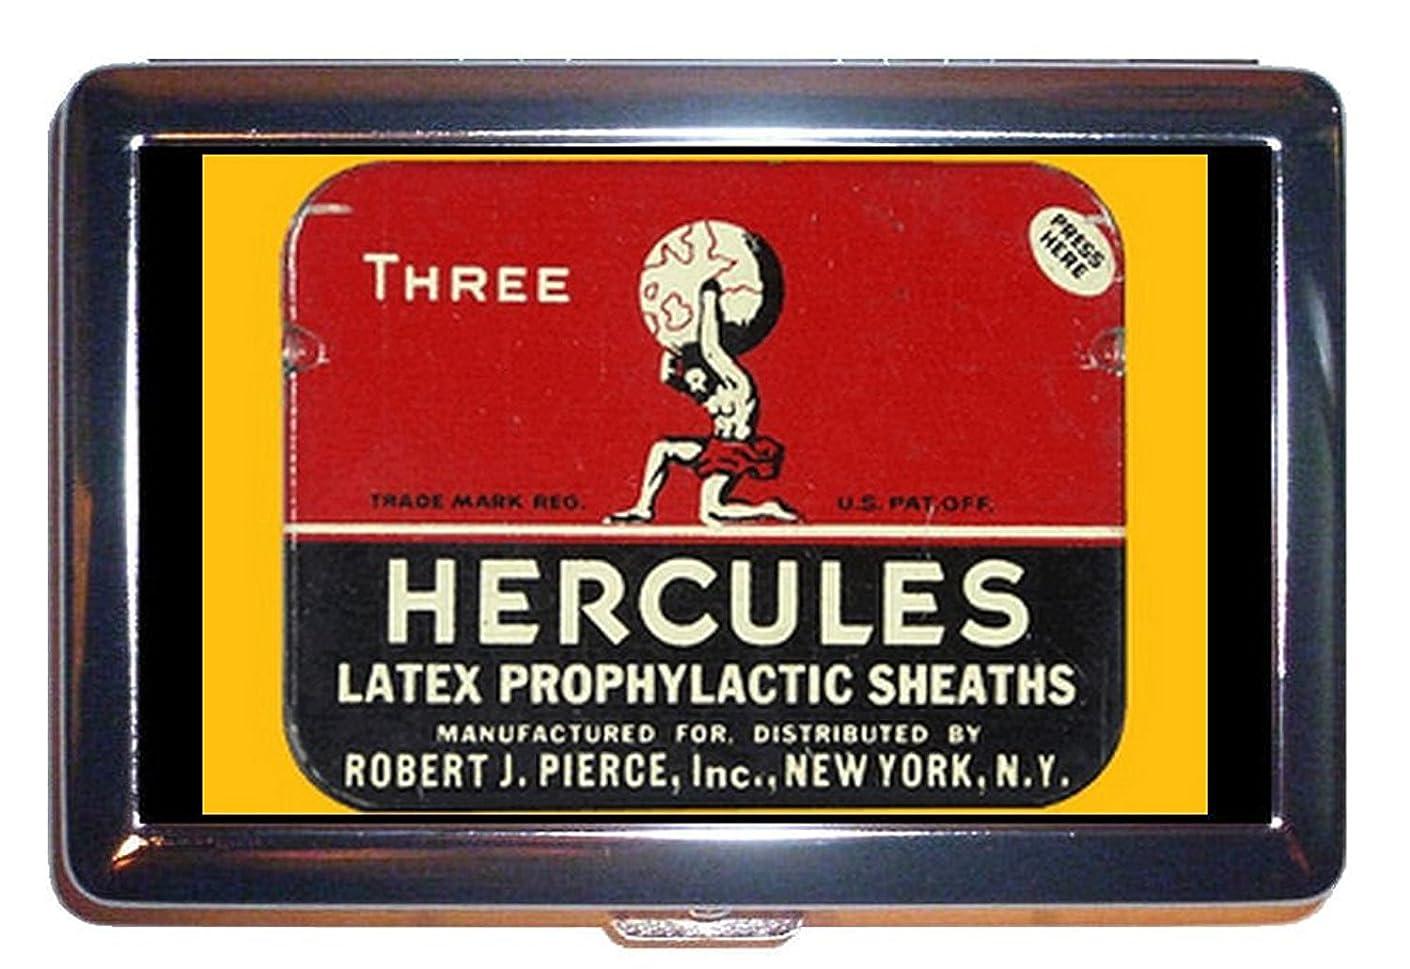 ジュースエレガント一回Retro Condom Graphic Hercules Stainless Steel ID or Cigarettes Case (King Size or 100mm) by Coastal Colors